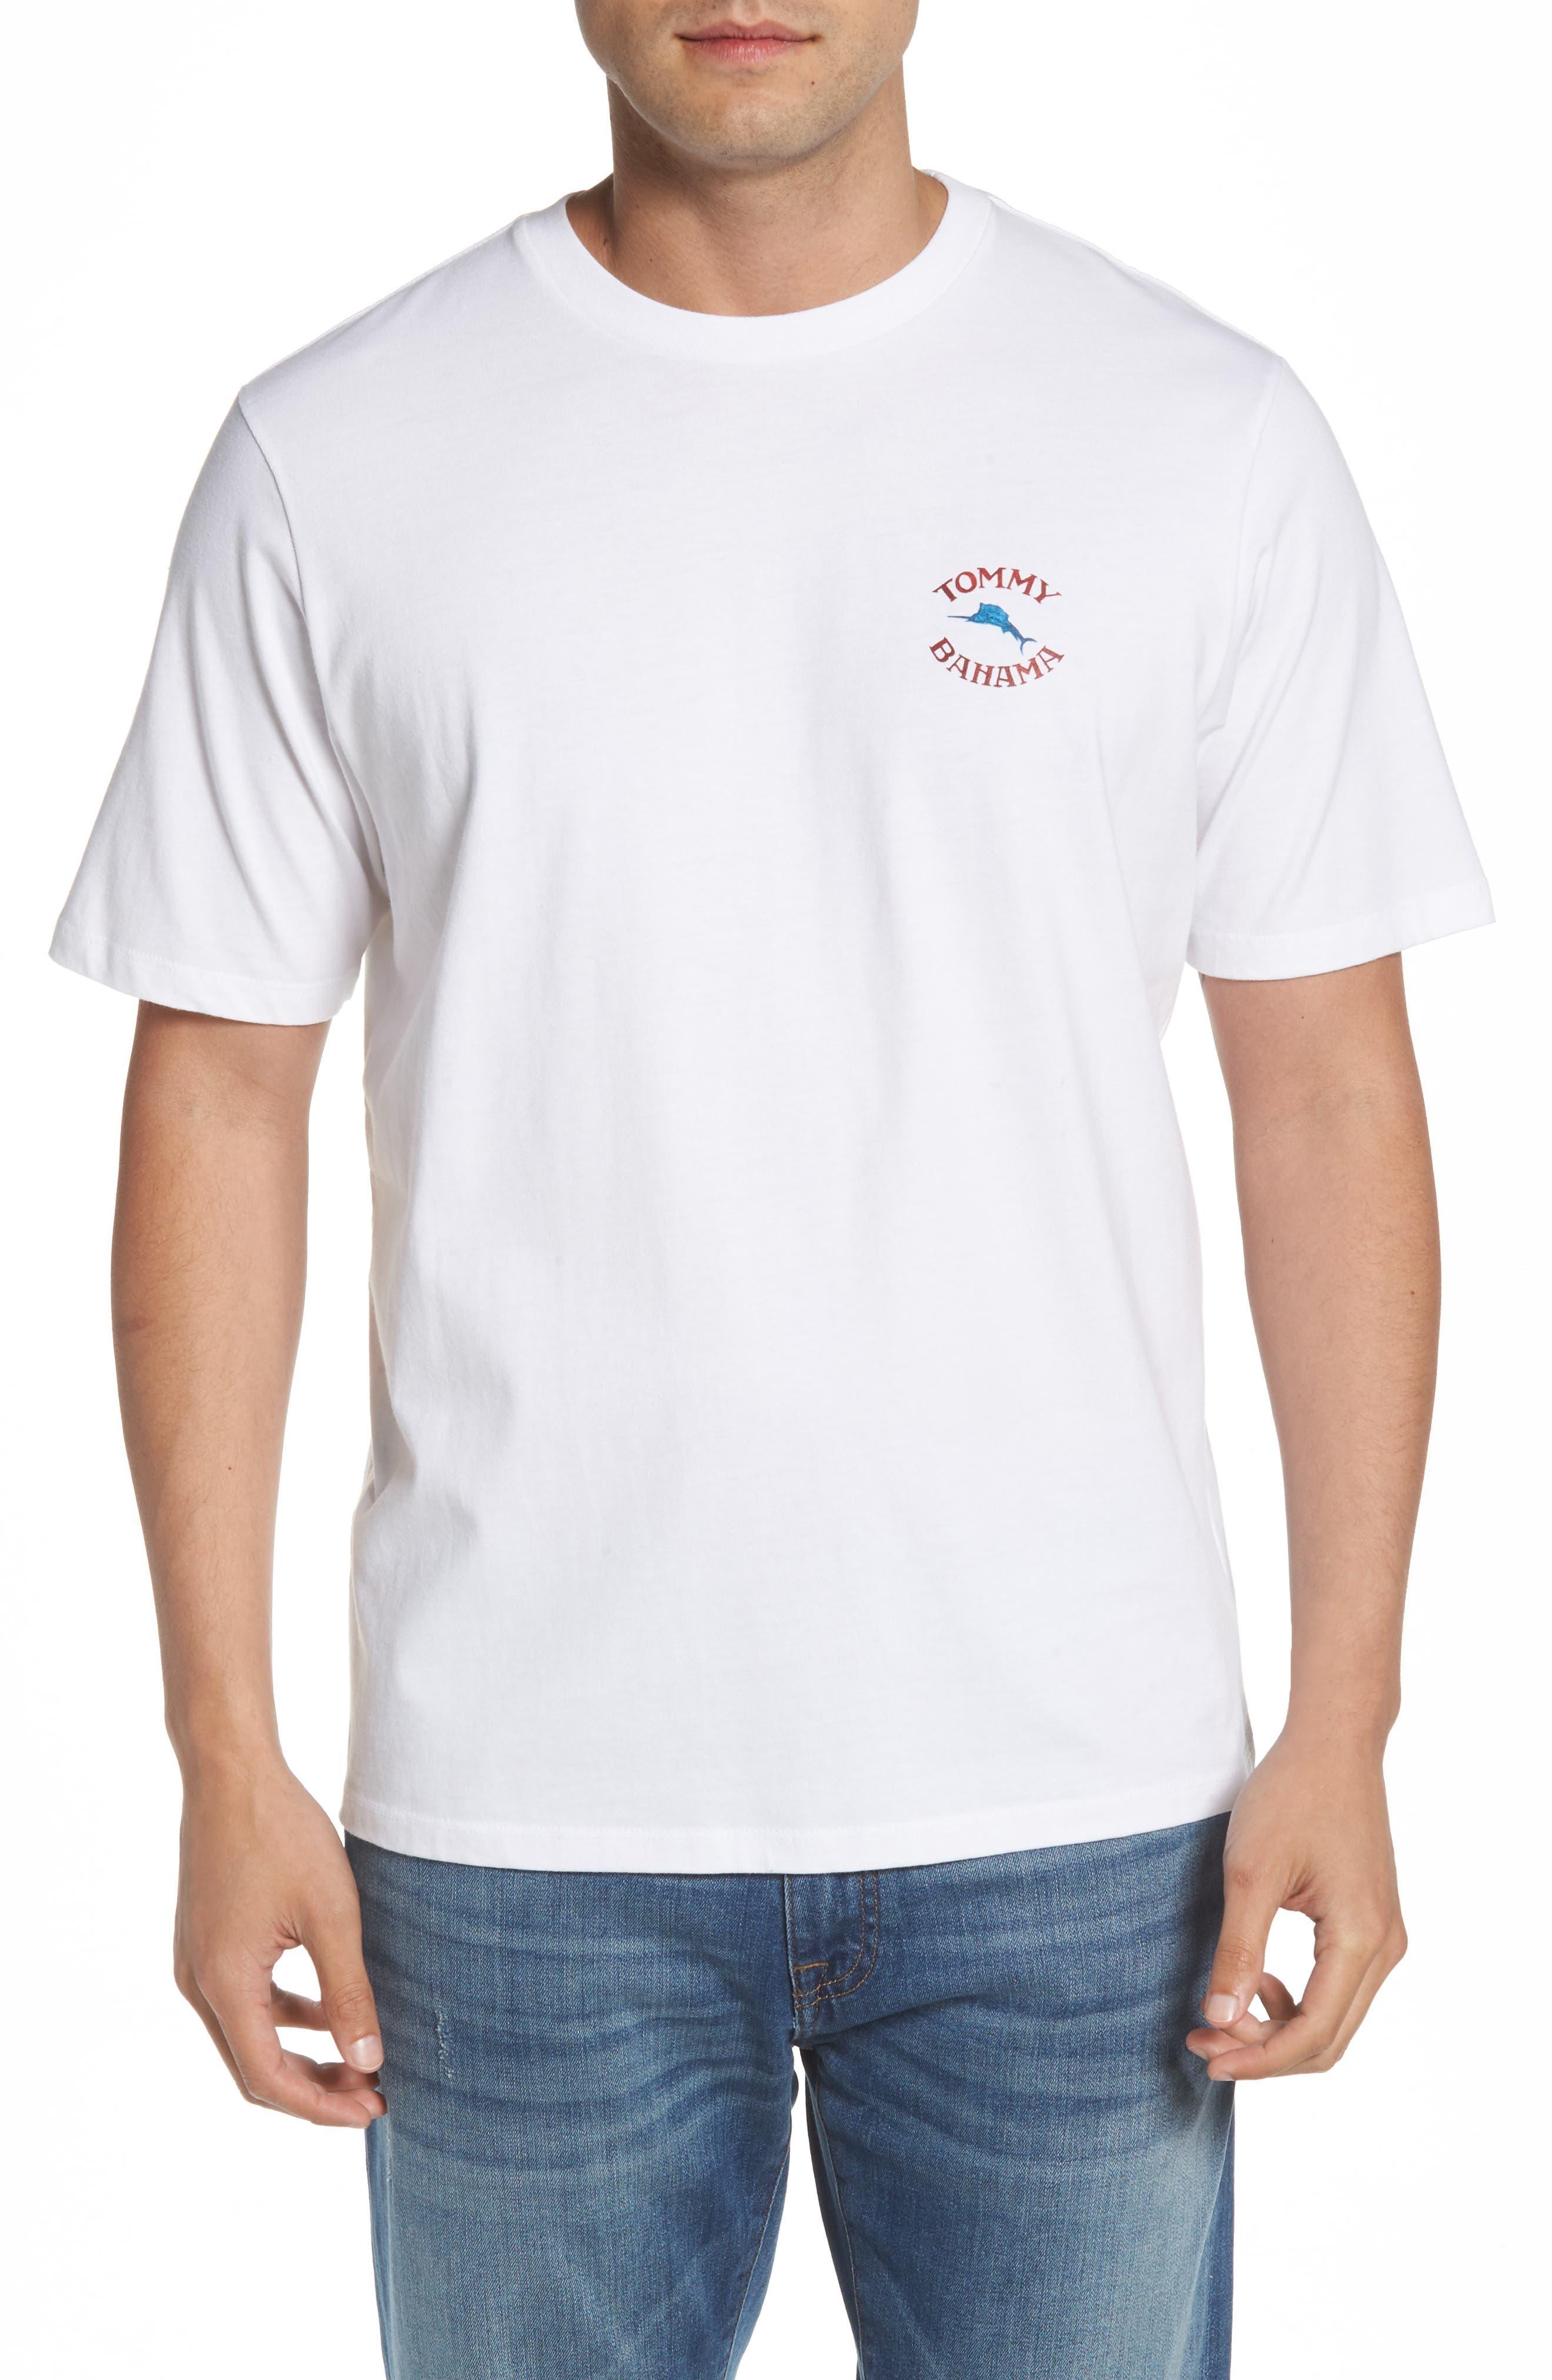 Pail-Eo Diet T-Shirt,                         Main,                         color, 100